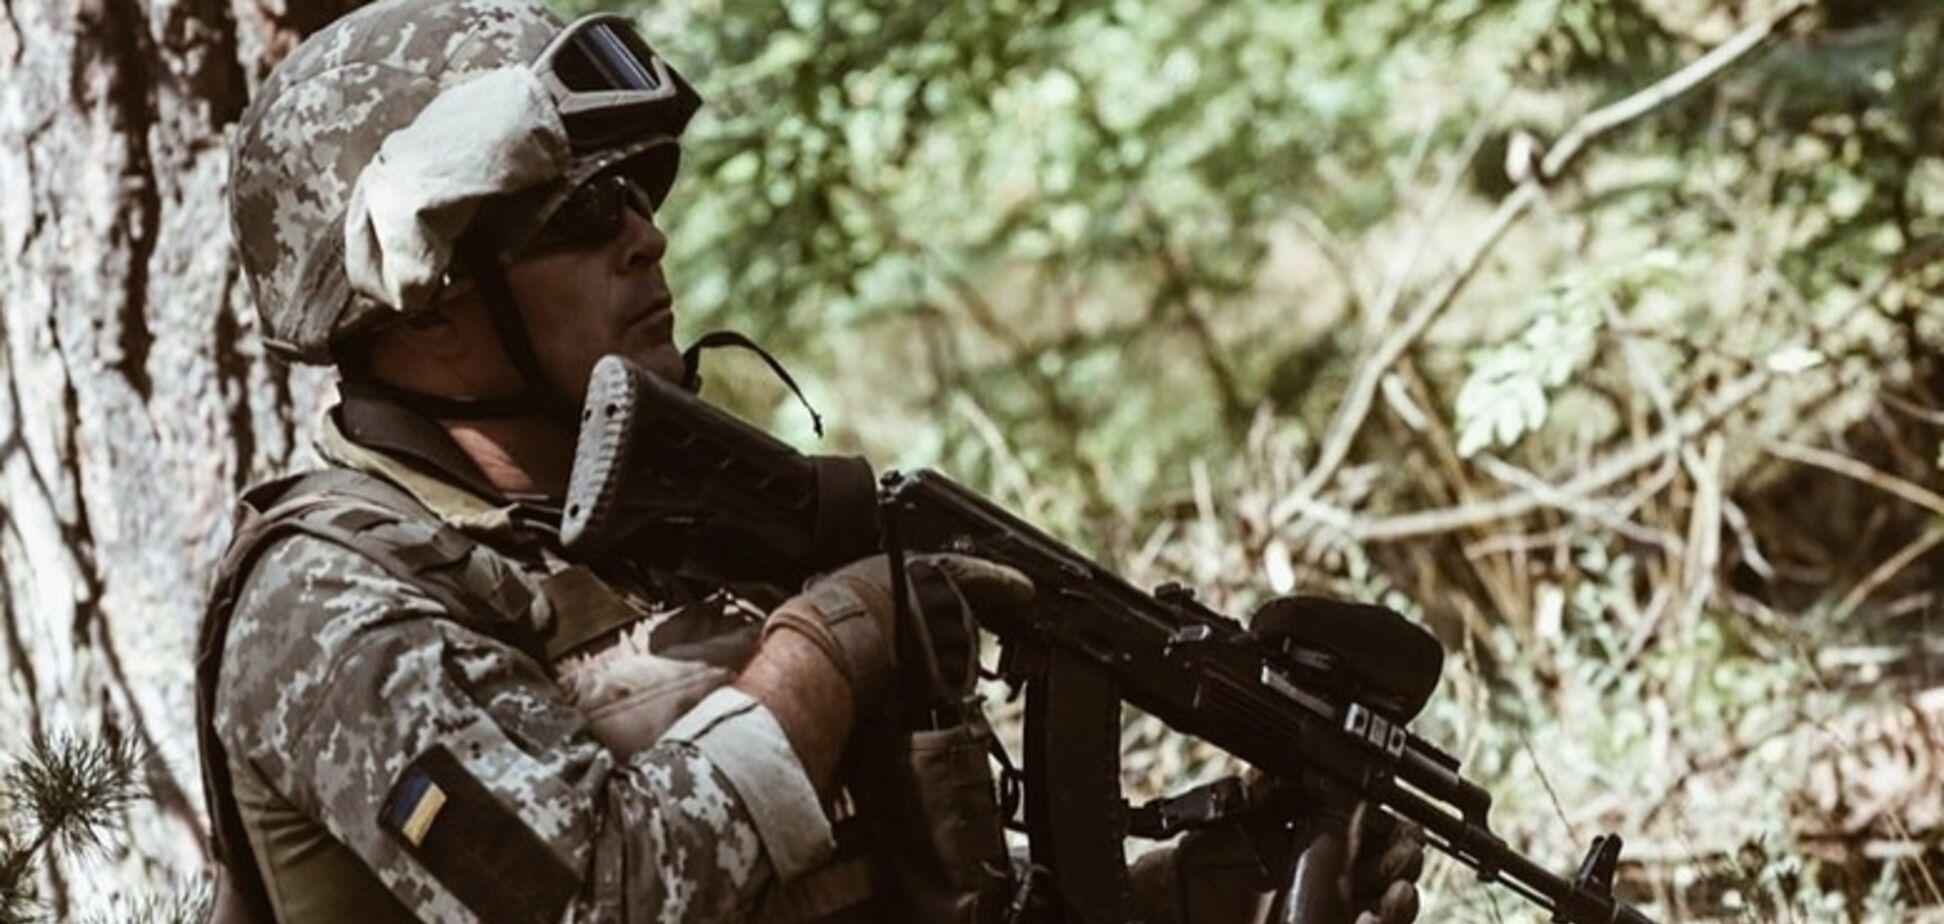 'Діяти на випередження!' Україну закликали до радикальних кроків на Донбасі